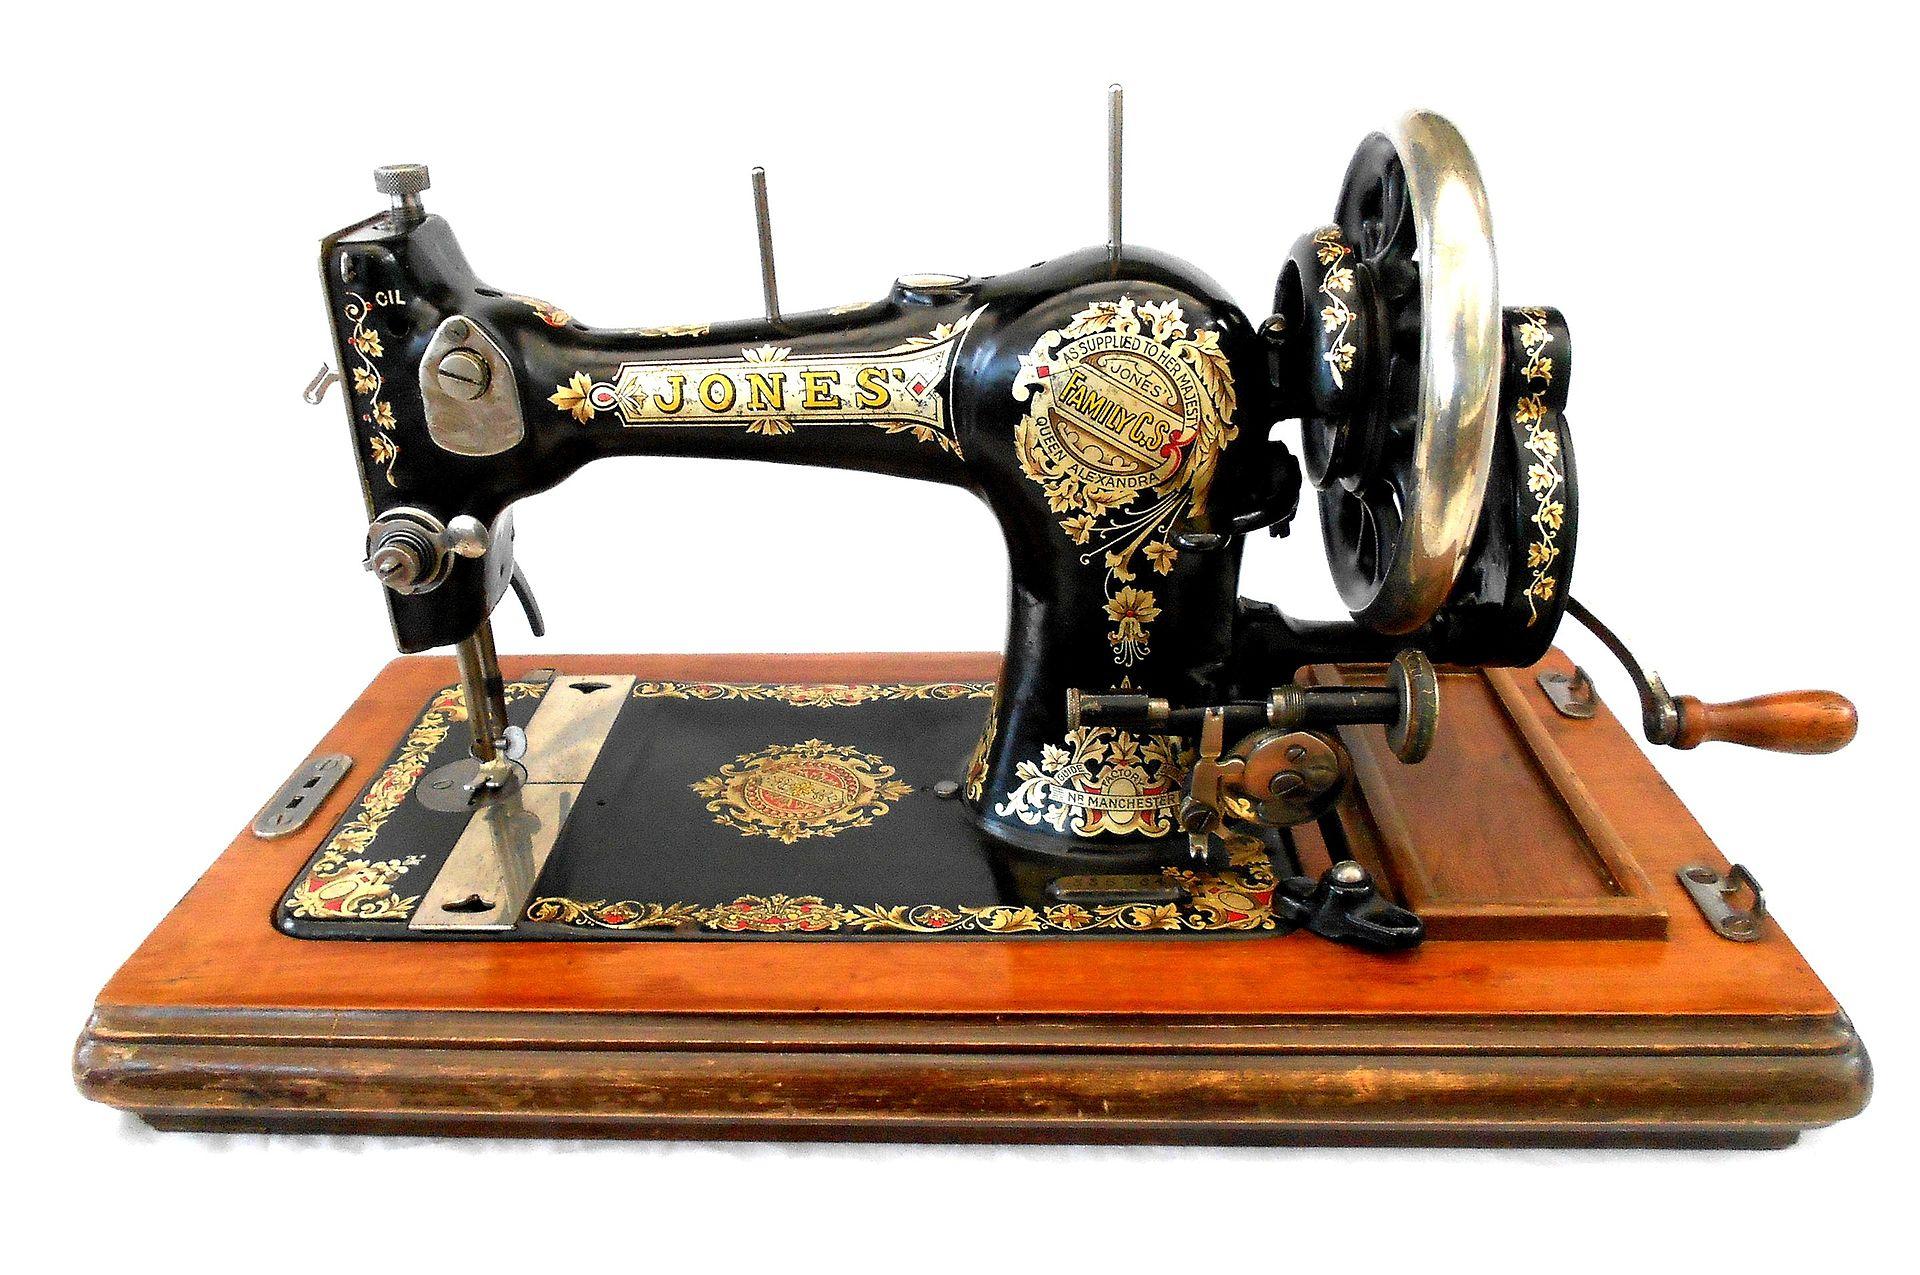 Les machines, qui étaient très lourdes et parfois intégrées dans des tables de travail, étaient autrefois décorées d'or, d'argent et de nacre pour qu'elles s'harmonisent avec le décor de la pièce où elles se trouvaient.